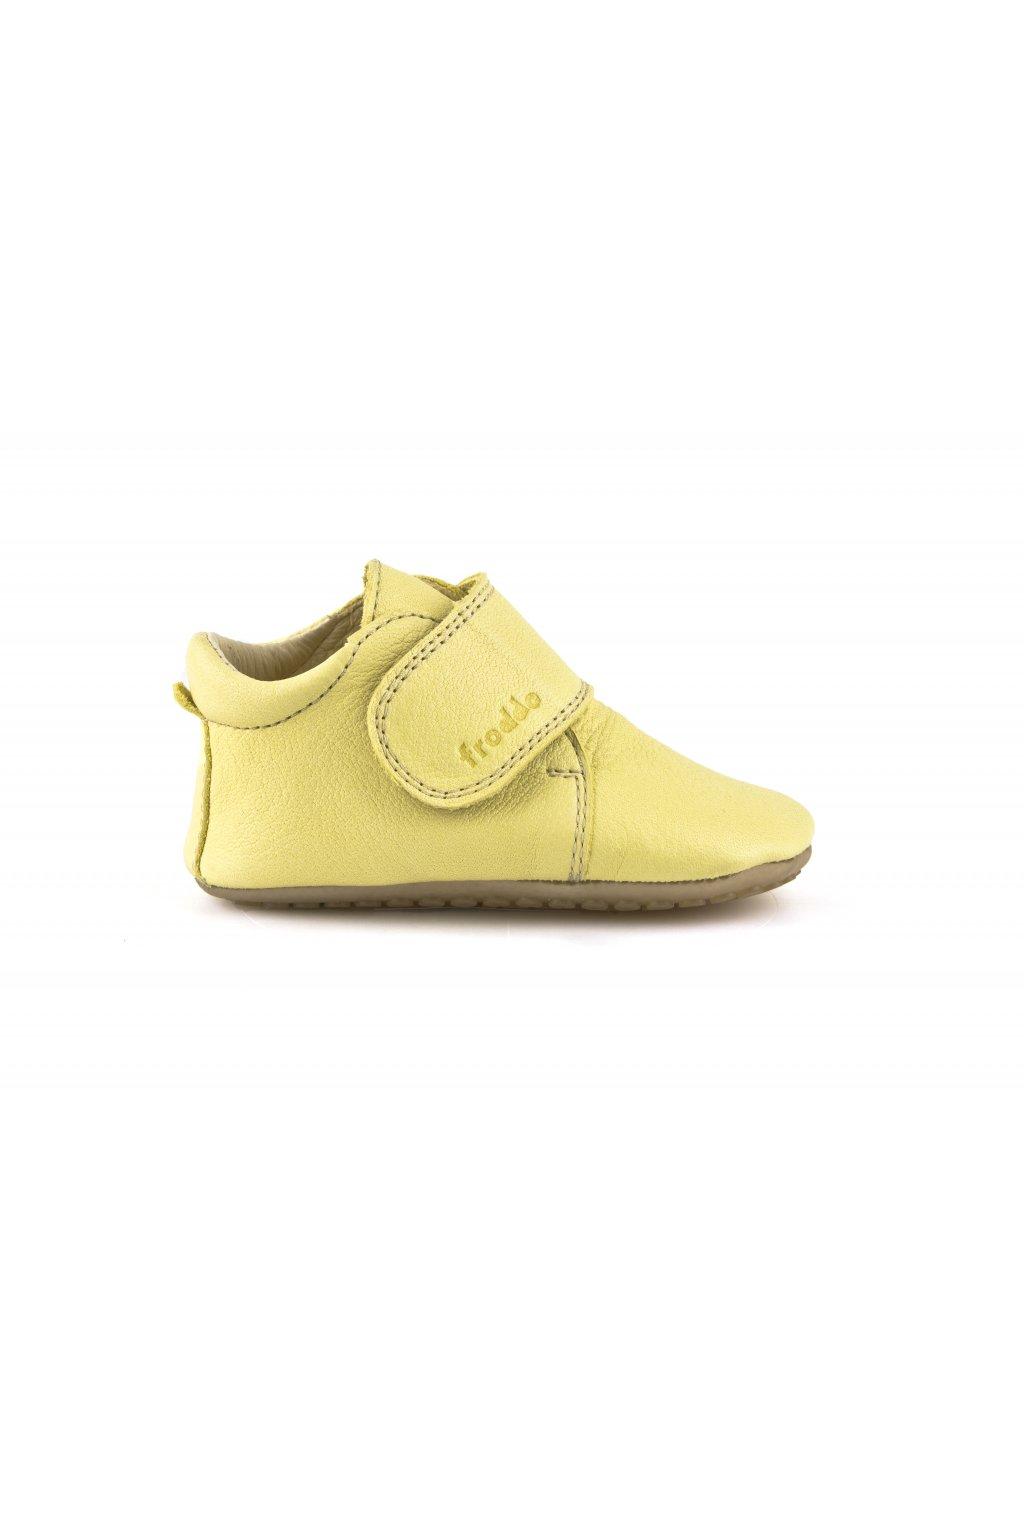 Froddo Prewalkers Yellow